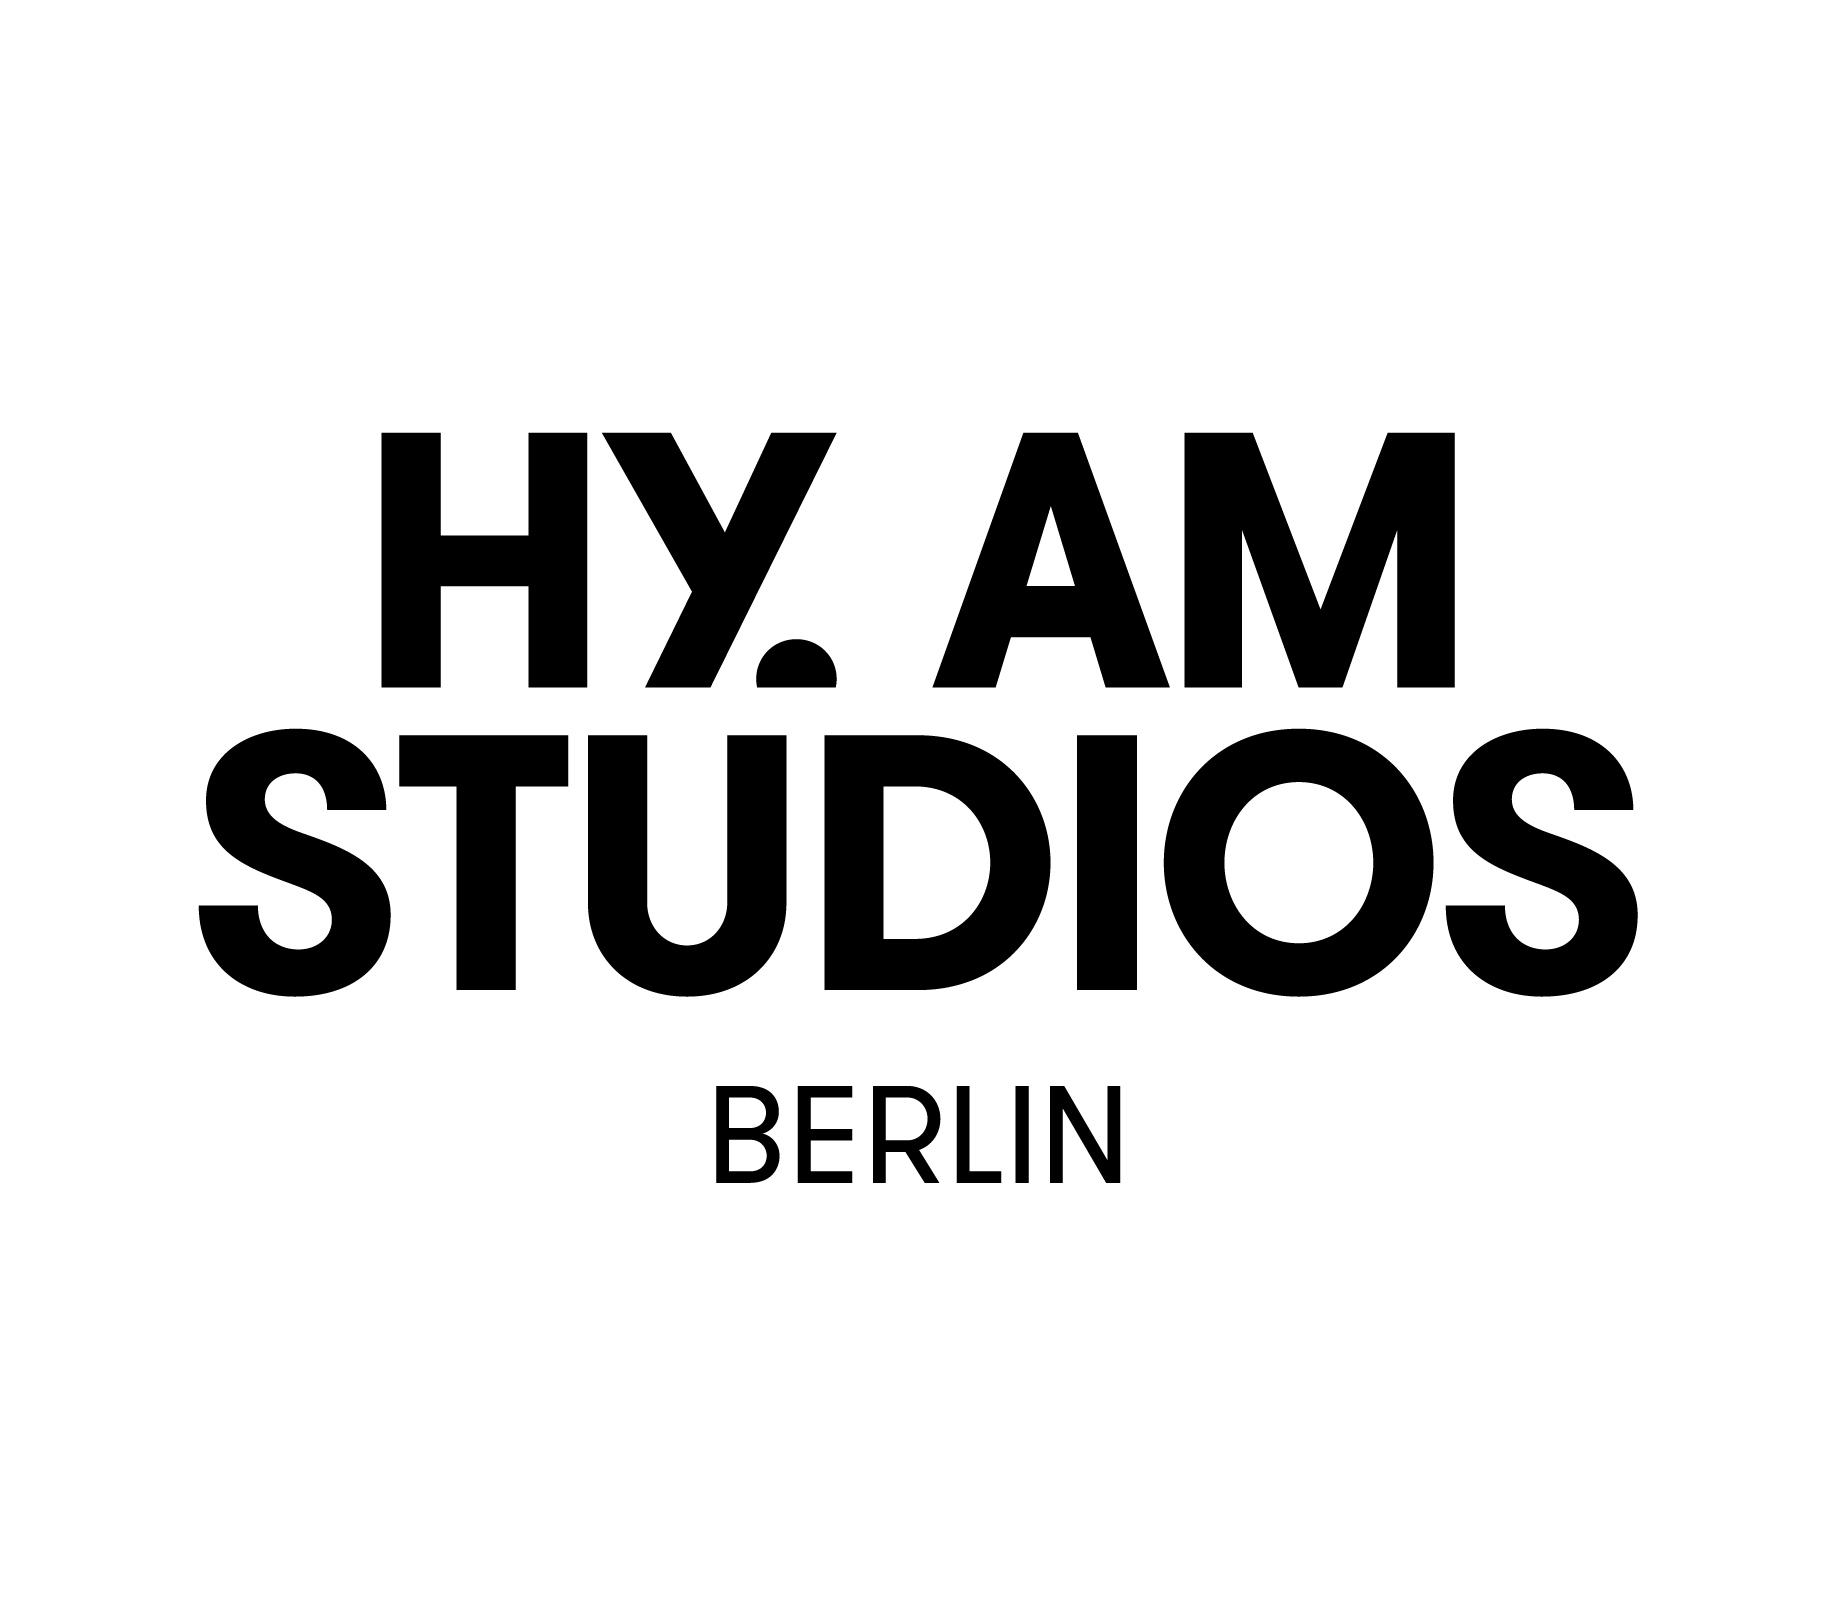 hyam_logo_black_full_social (1).jpg